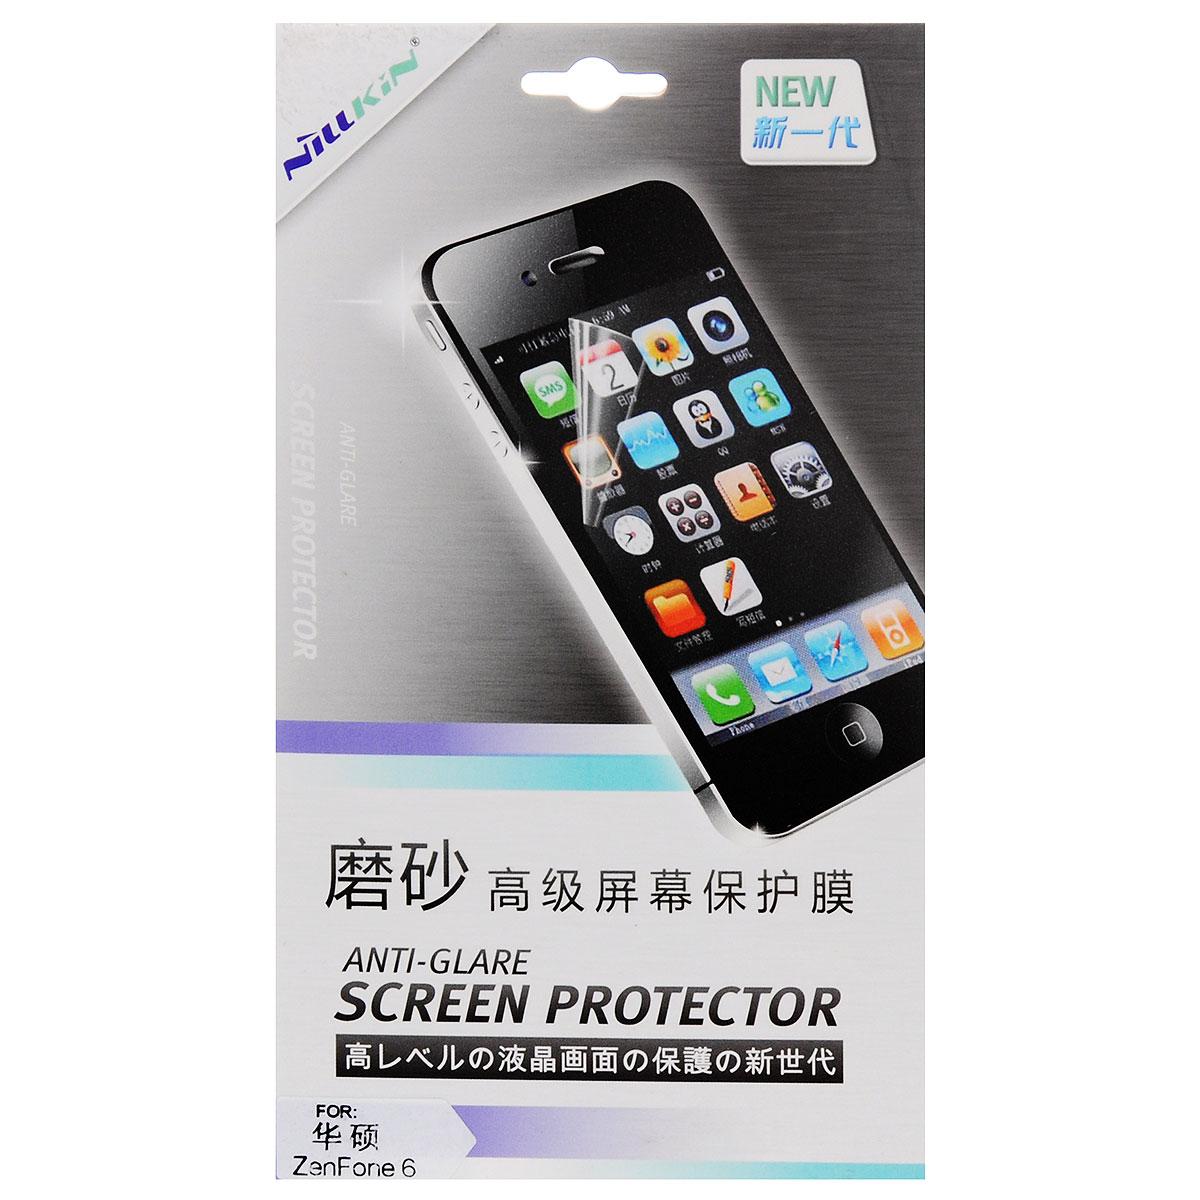 Nillkin Screen Protector защитная пленка для Asus ZenFone 6, матоваяSP-058Защитная пленка Nillkin Screen Protector для Asus ZenFone 6 сохраняет экран смартфона гладким и предотвращает появление на нем царапин и потертостей. Структура пленки позволяет ей плотно удерживаться без помощи клеевых составов. Пленка практически незаметна на экране смартфона и сохраняет все характеристики цветопередачи и чувствительности сенсора.